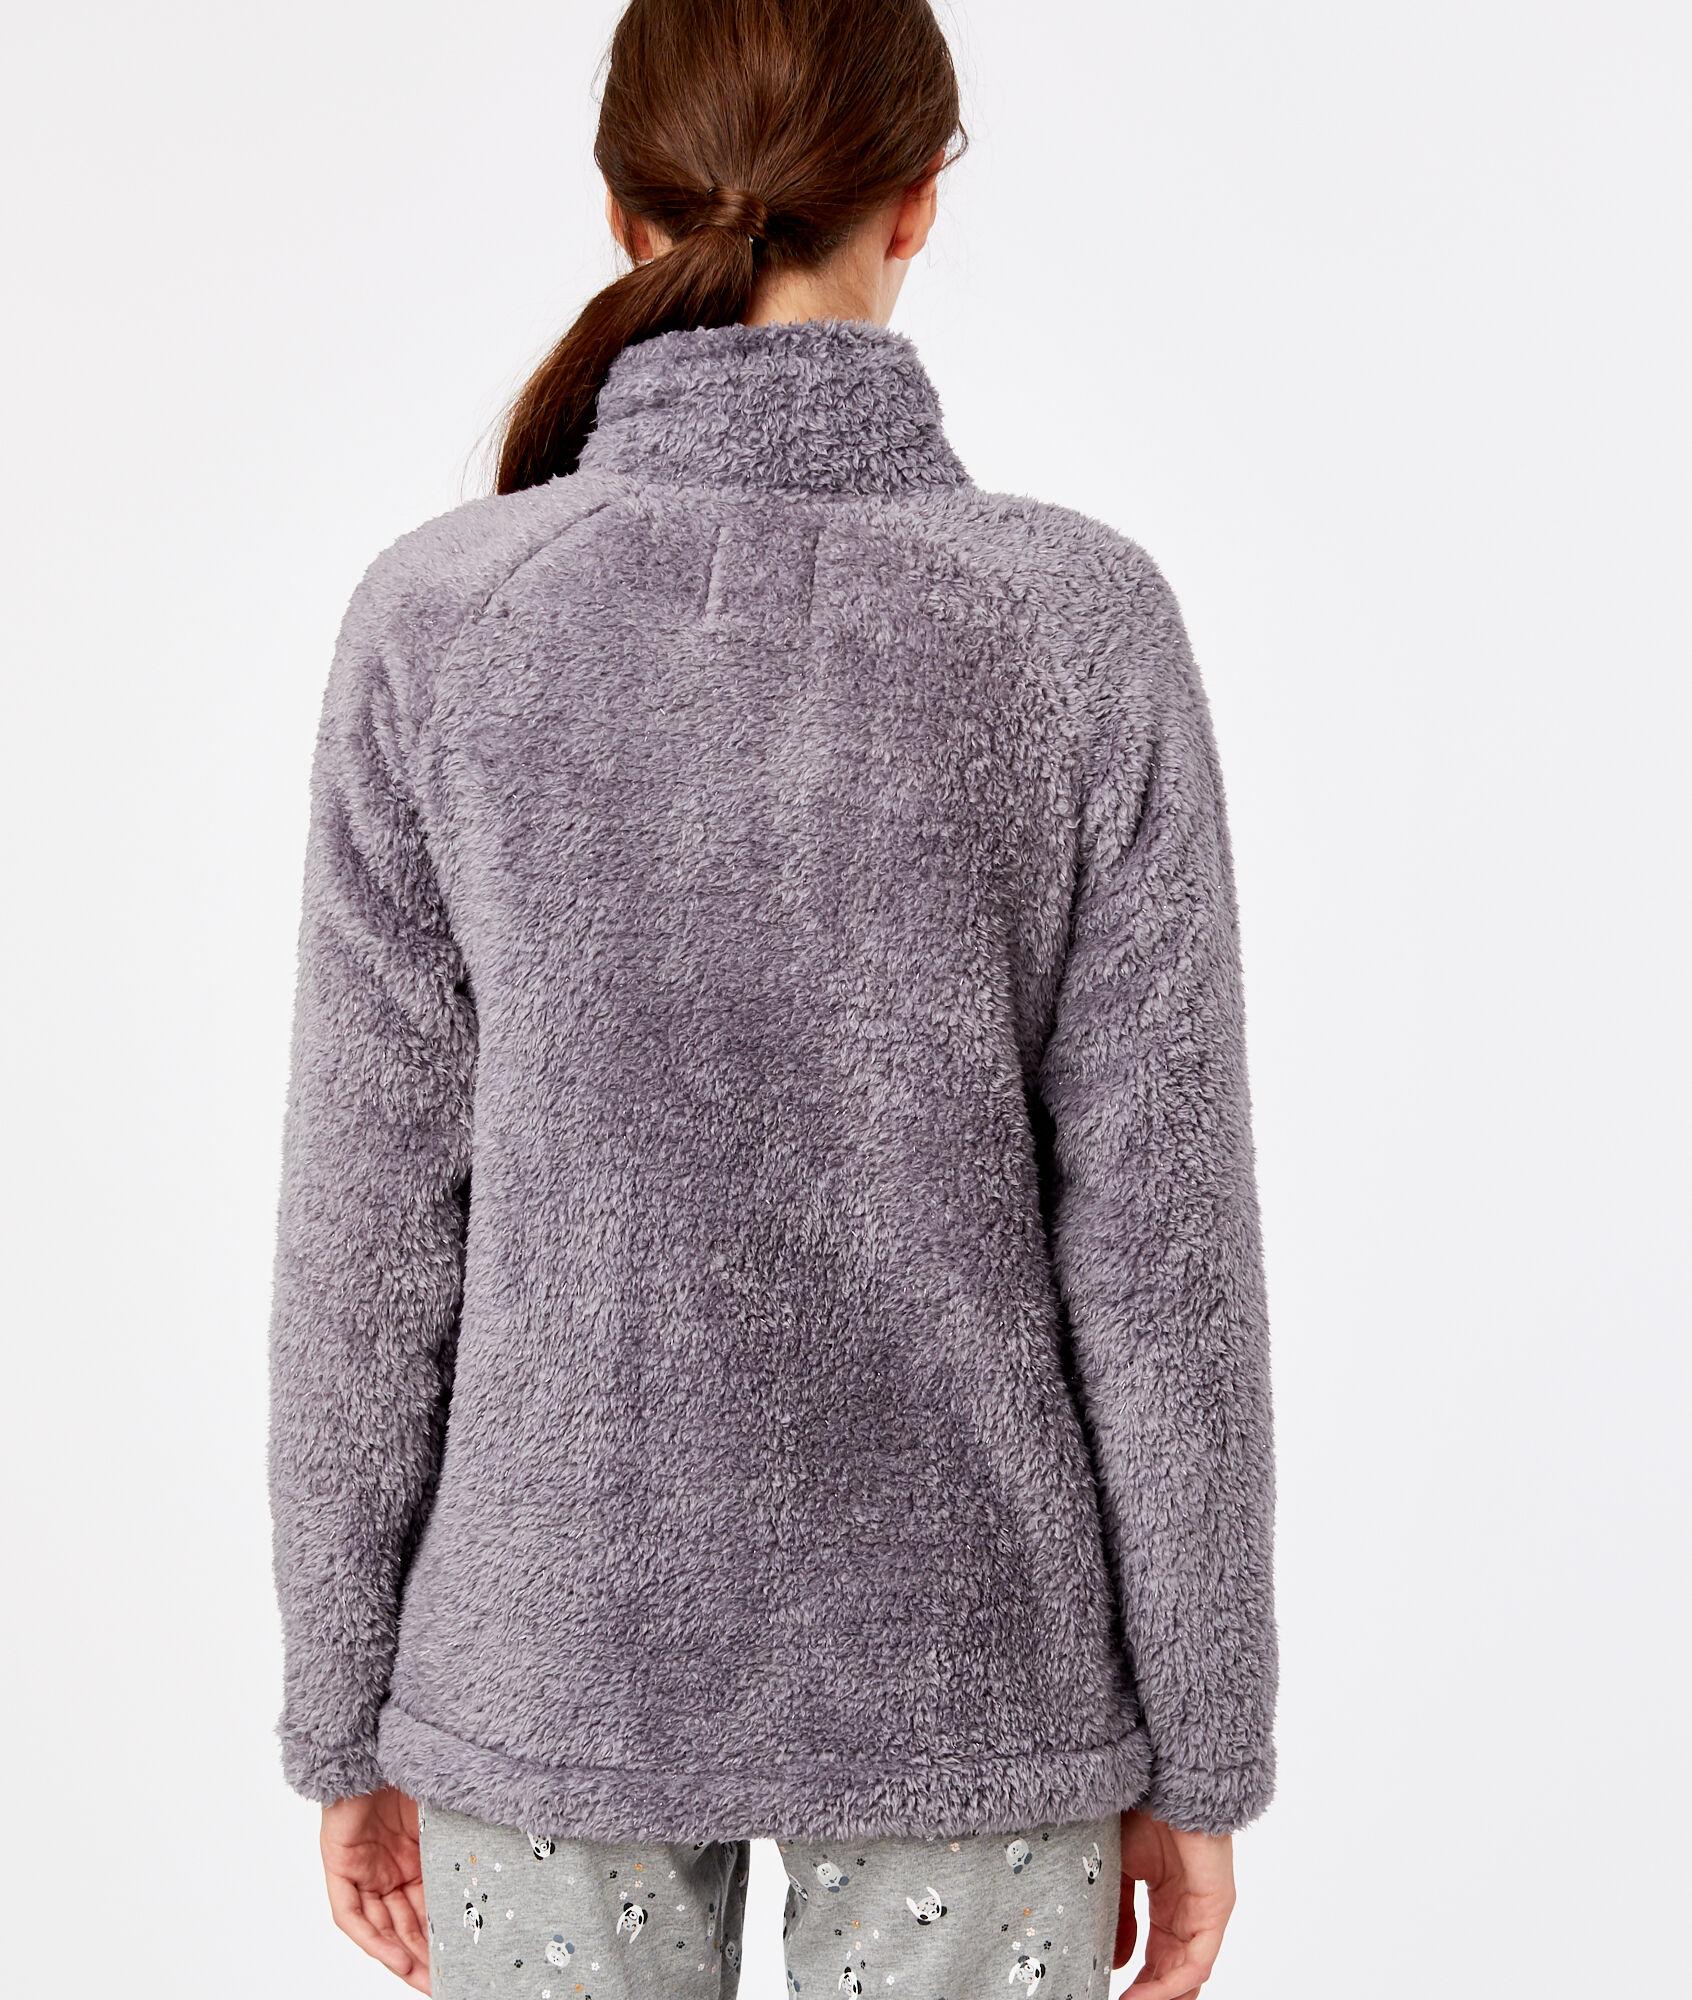 Etam Bello Fourrure Anthracite Homewear Fausse Veste w6qTYT